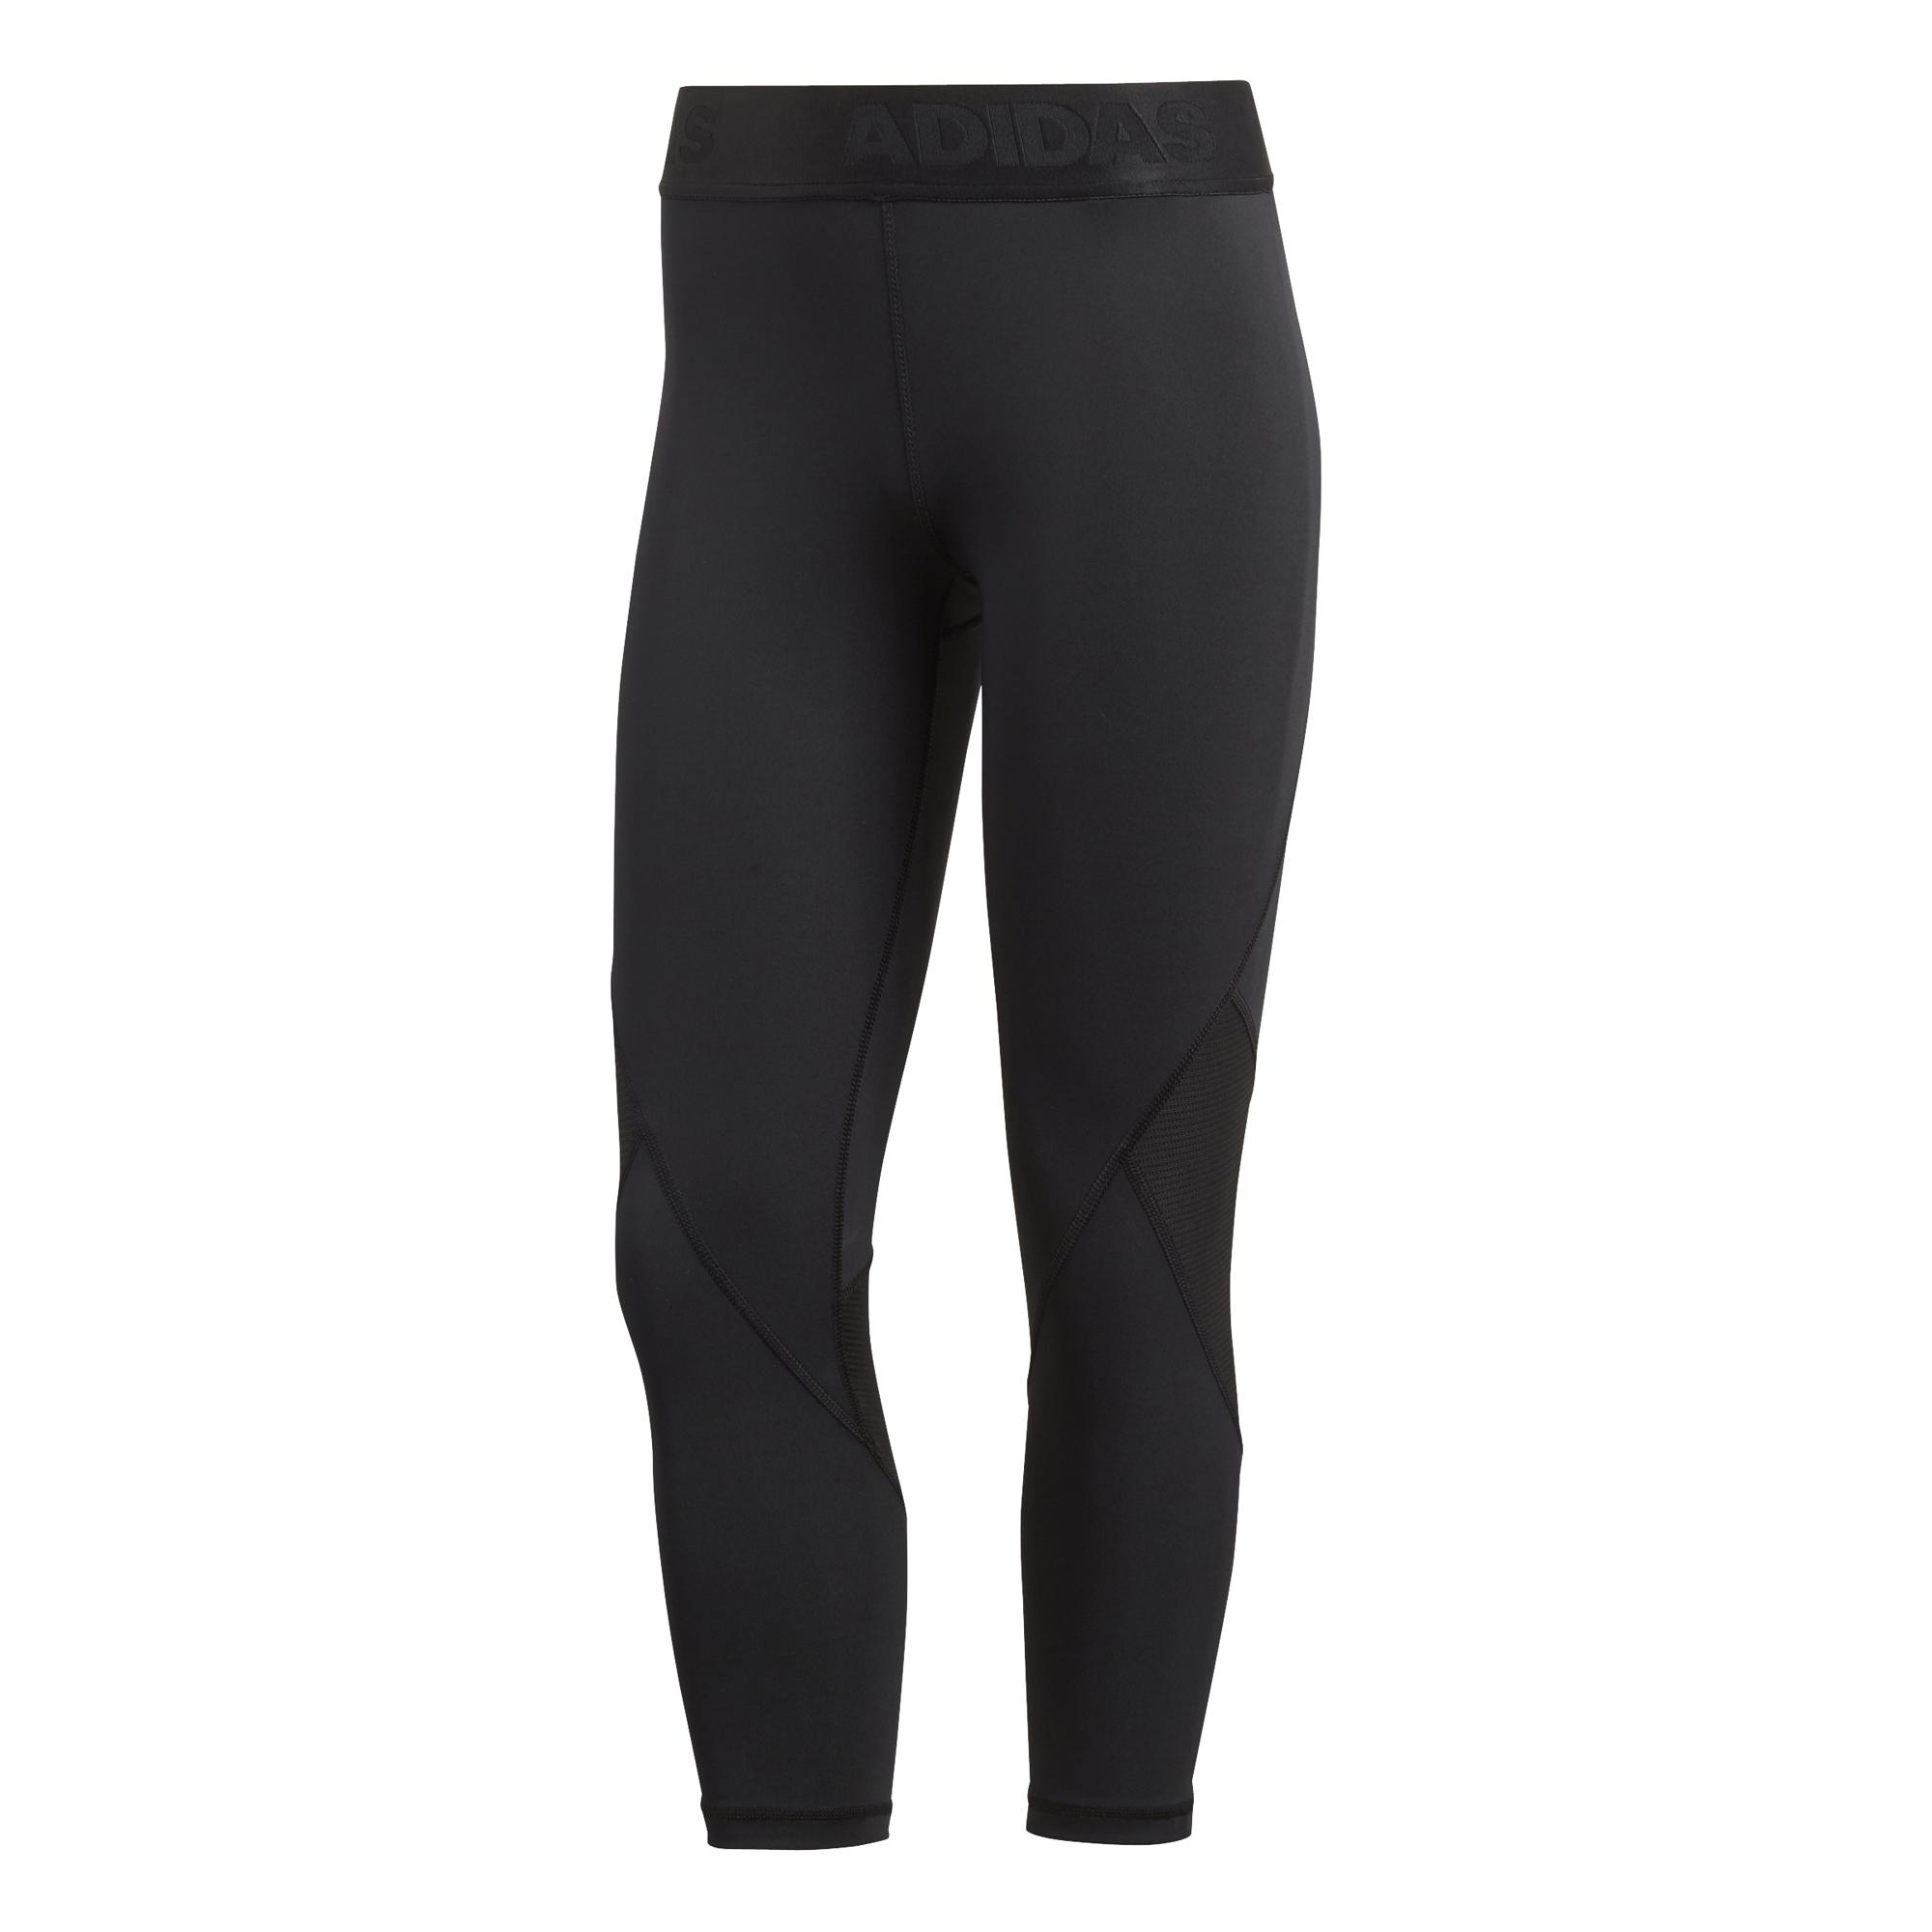 Adidas Mallas 3 4 Alphaskin Sport (Black) - manelsanchez.pt 8898cc98e2730